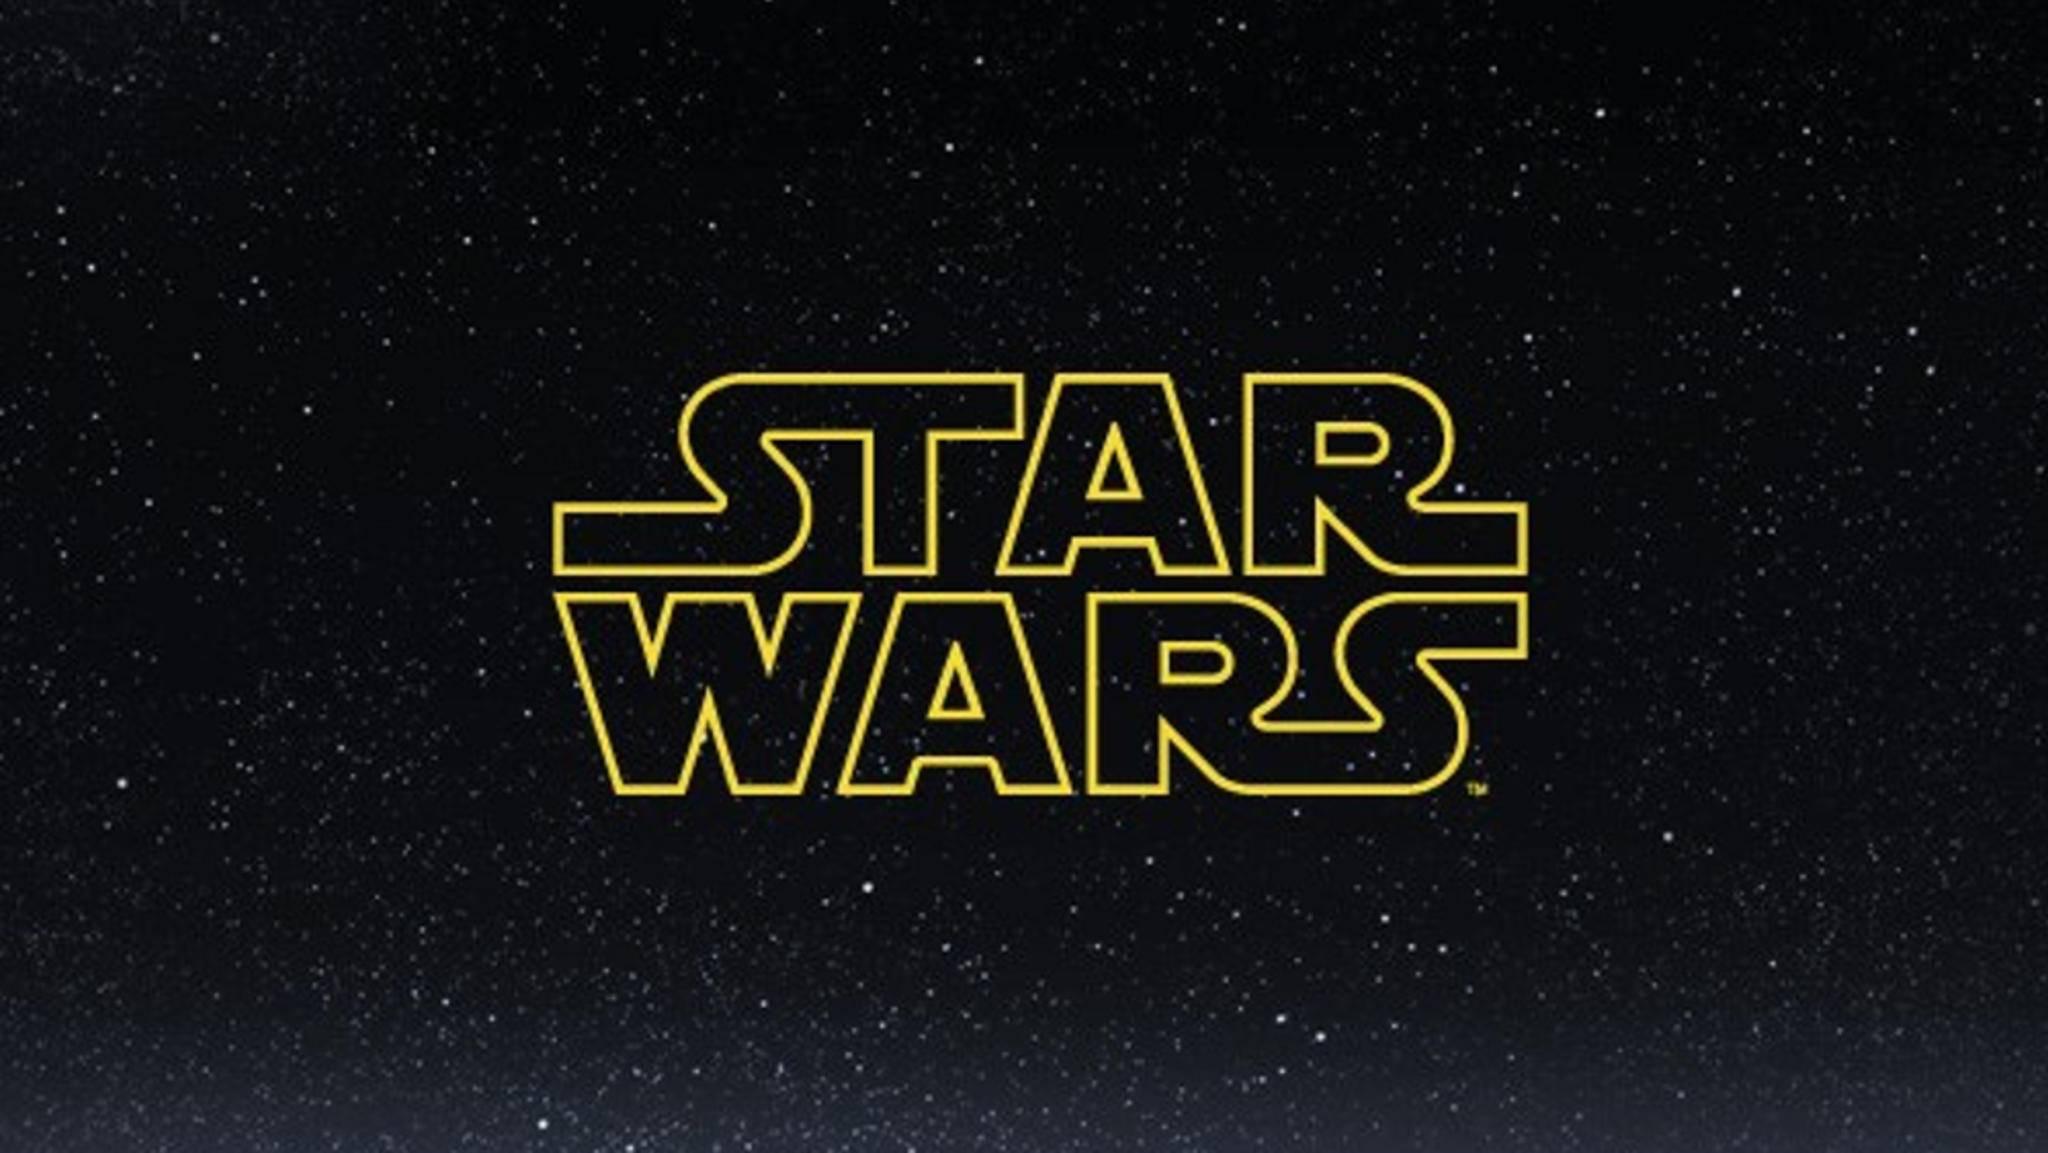 """""""Star Wars"""" bietet so viele Charaktere, doch einige der beliebtesten sieht man vergleichsweise wenig."""